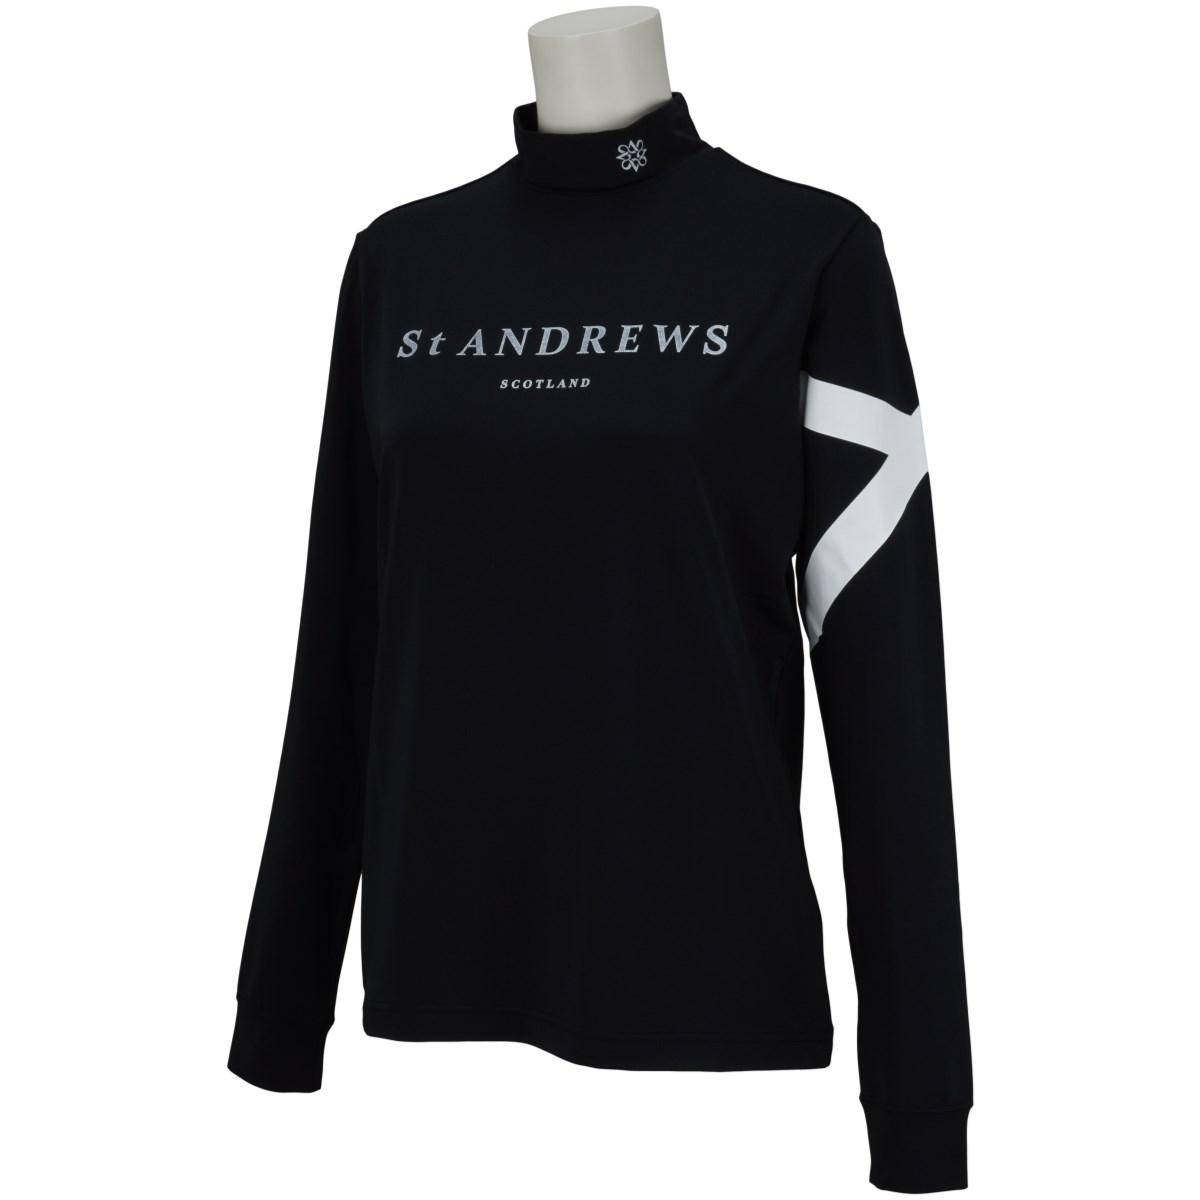 セント・アンドリュース St ANDREWS 長袖ハイネックインナーシャツ M ブラック 010 レディス